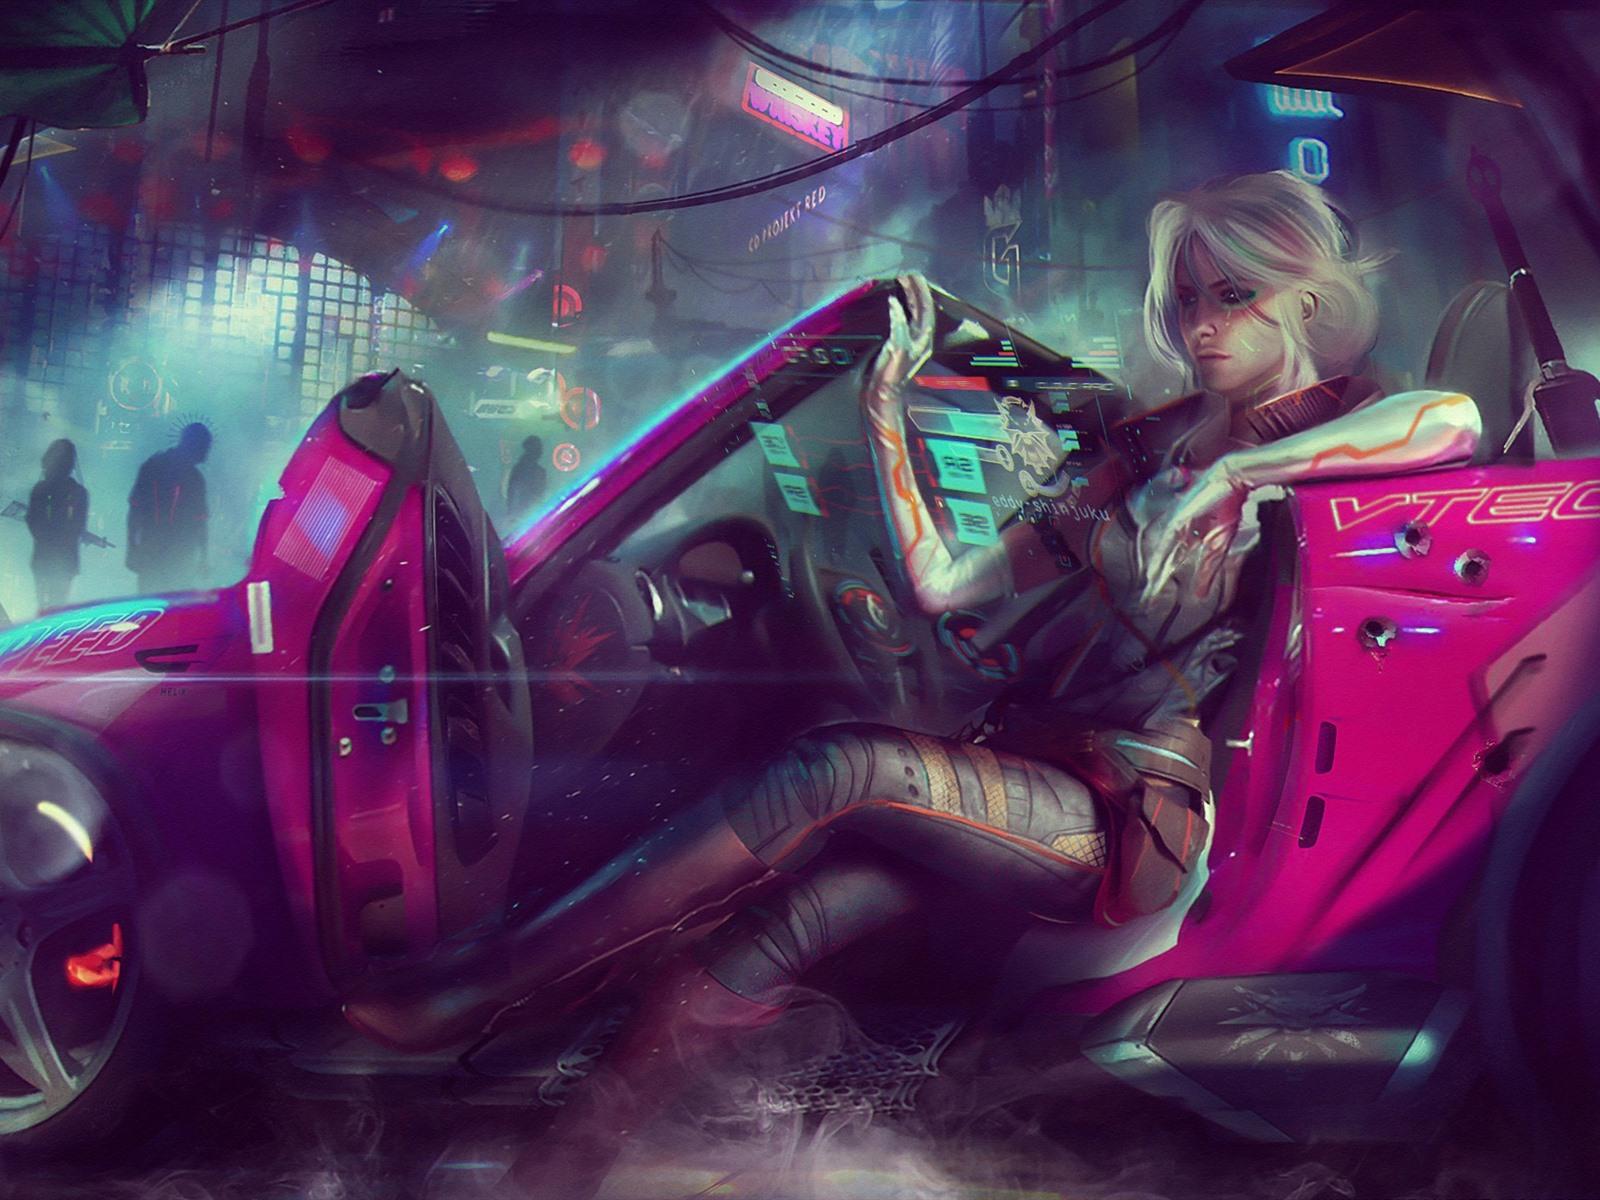 壁紙 サイバーパンク77 女の子 車 アート写真 19x10 Hd 無料のデスクトップの背景 画像